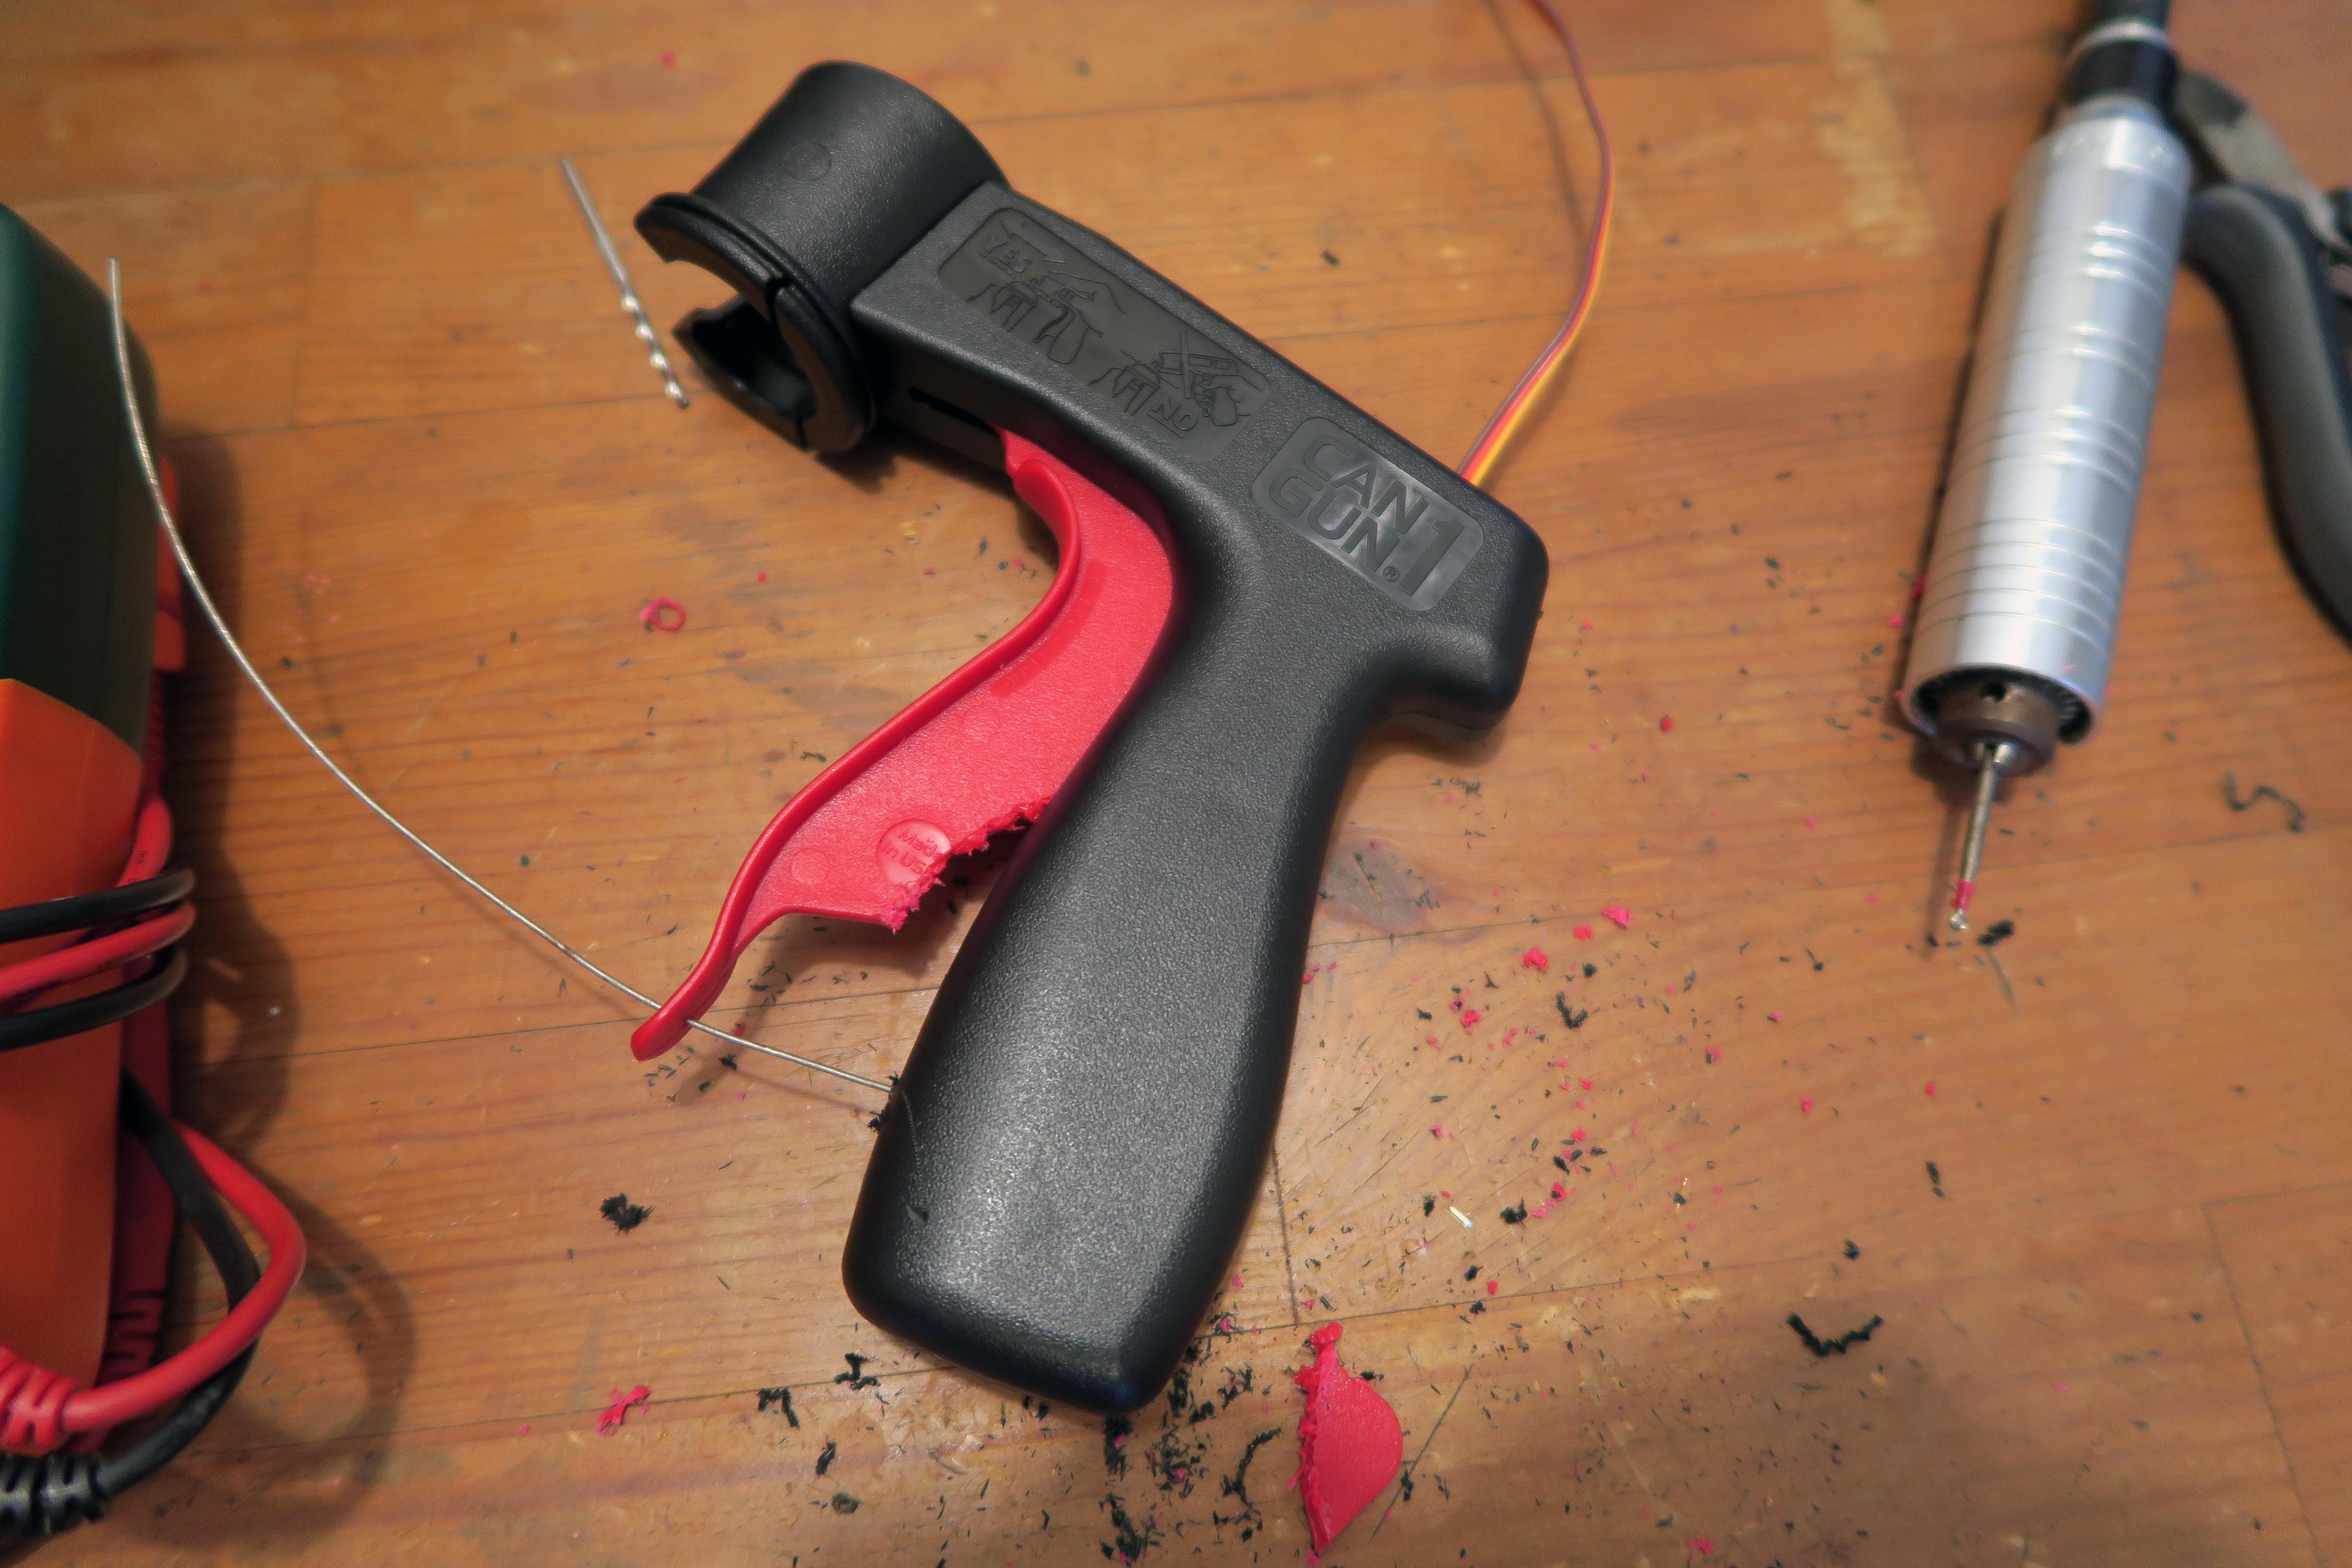 hacks_drone-spray-can-gun-servo-closed-in.jpg